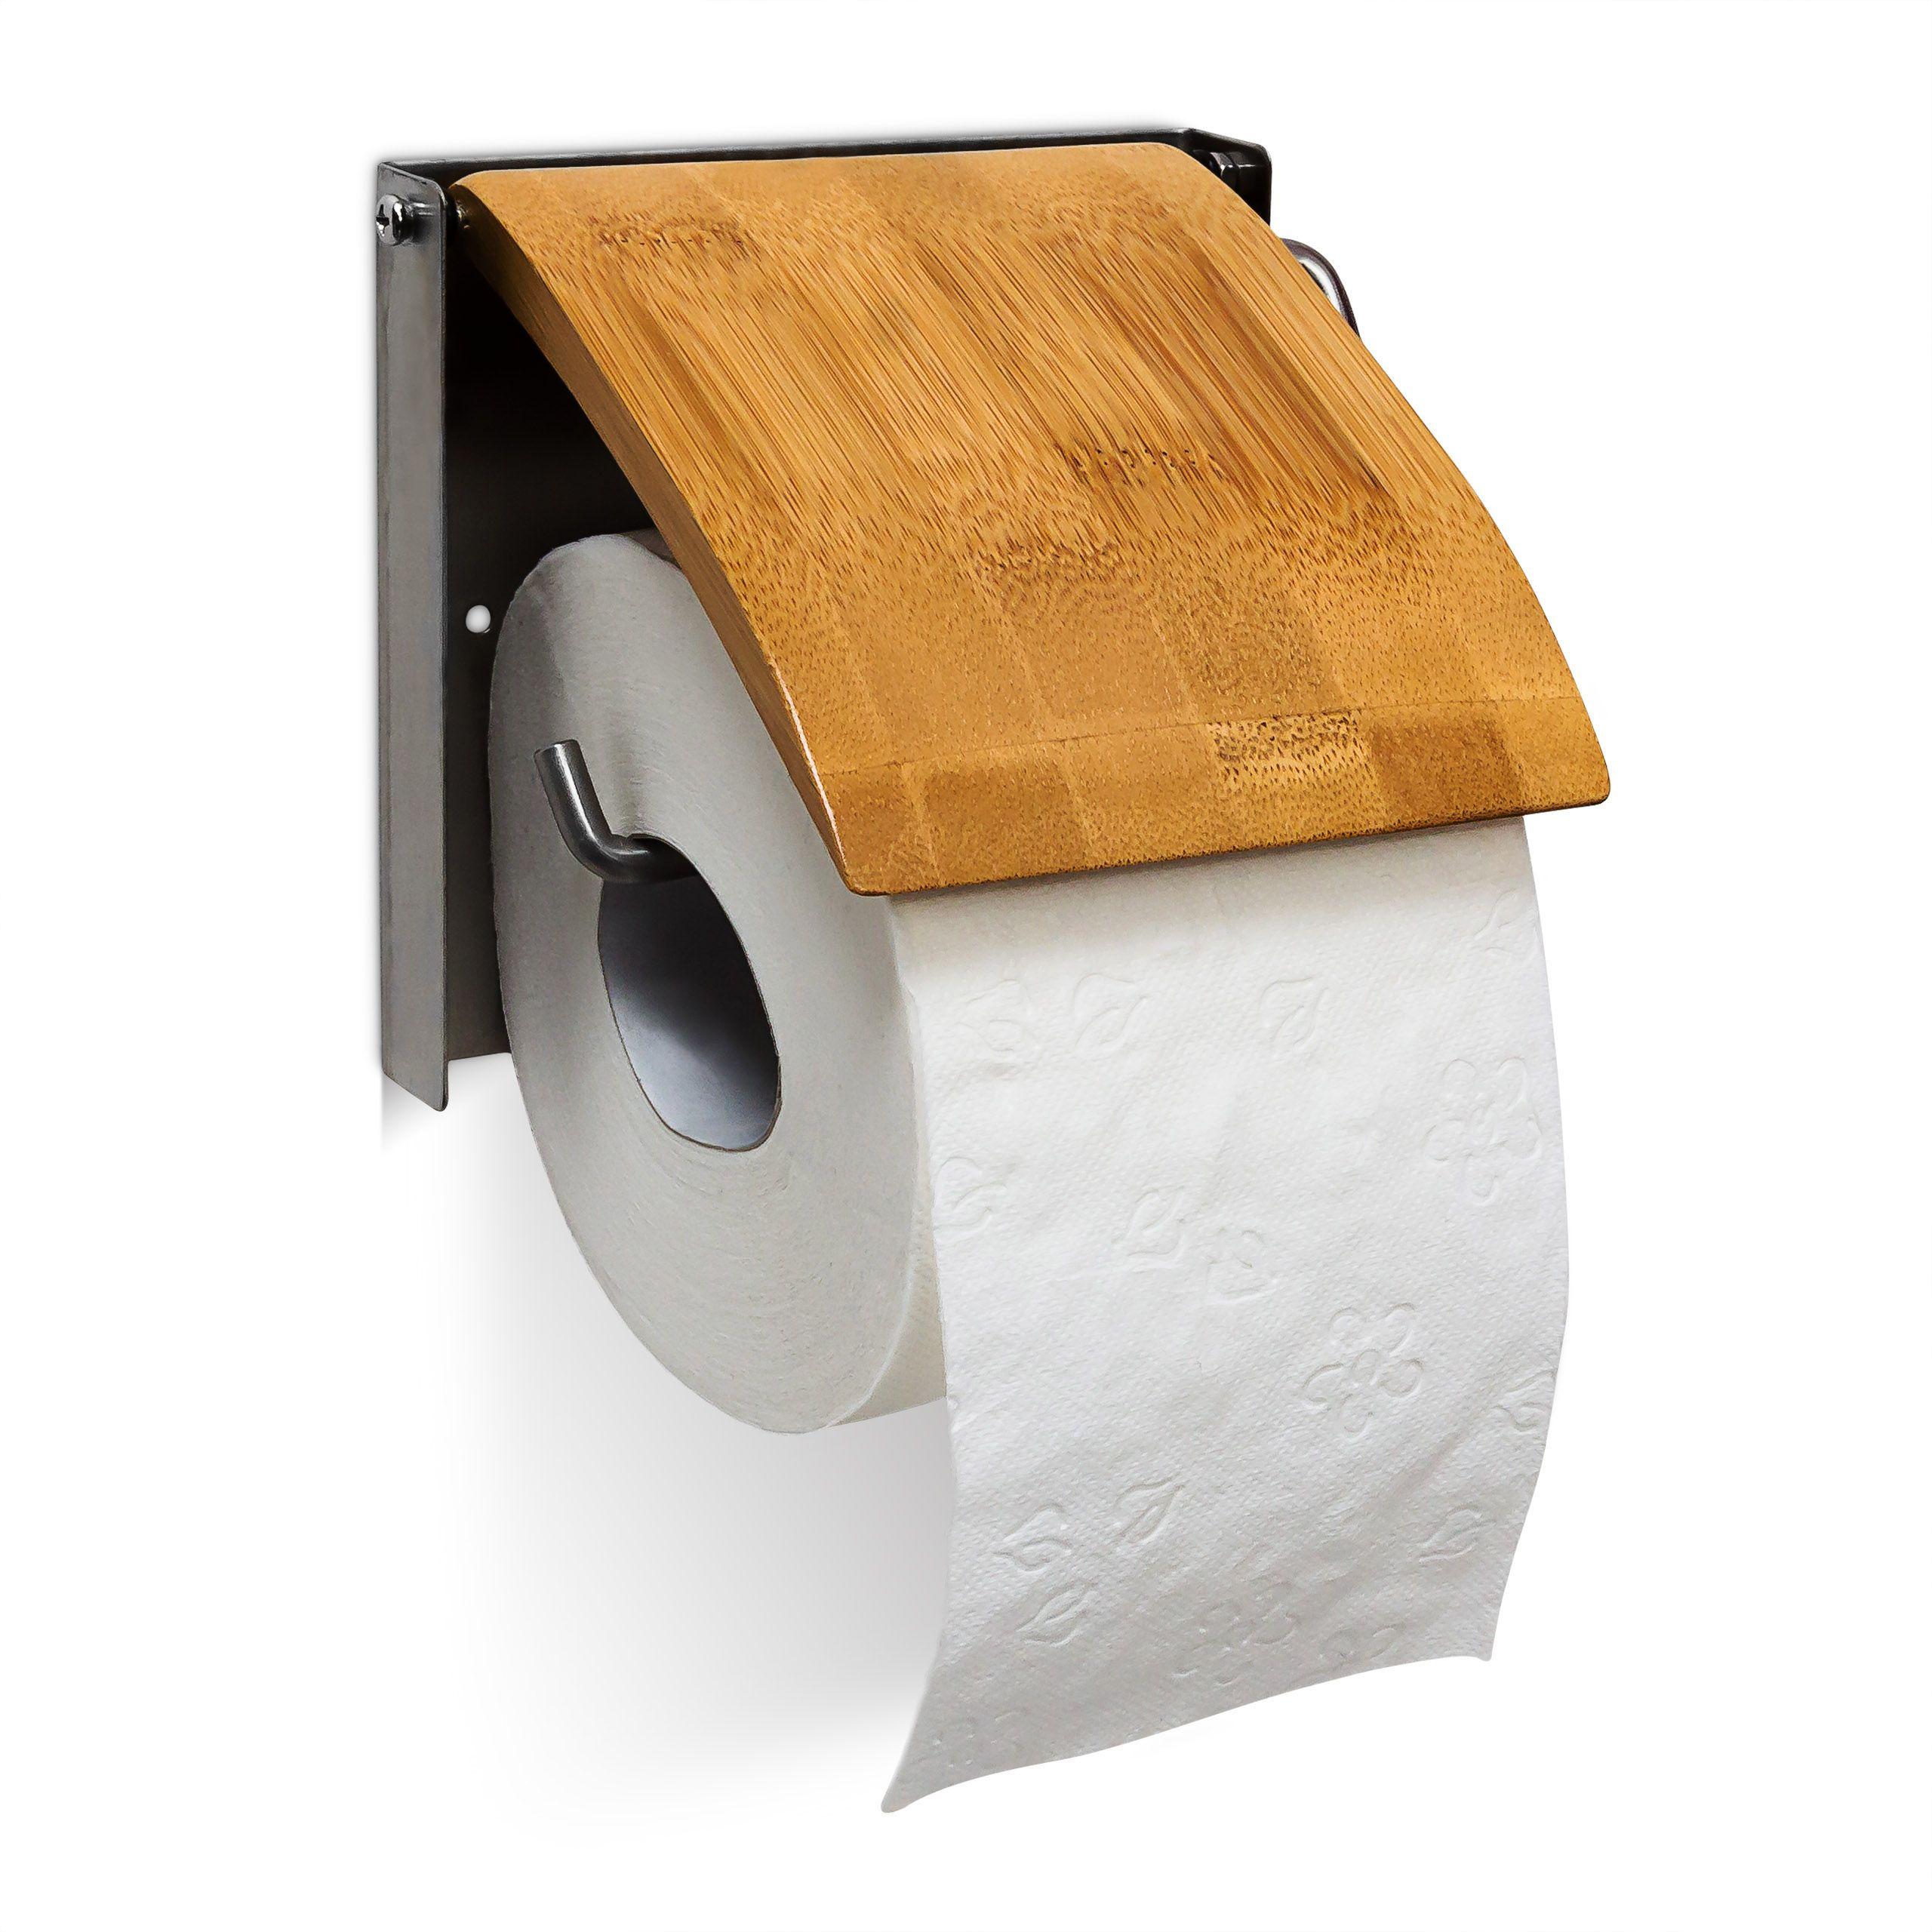 Držiak na toaletný papier RD9179